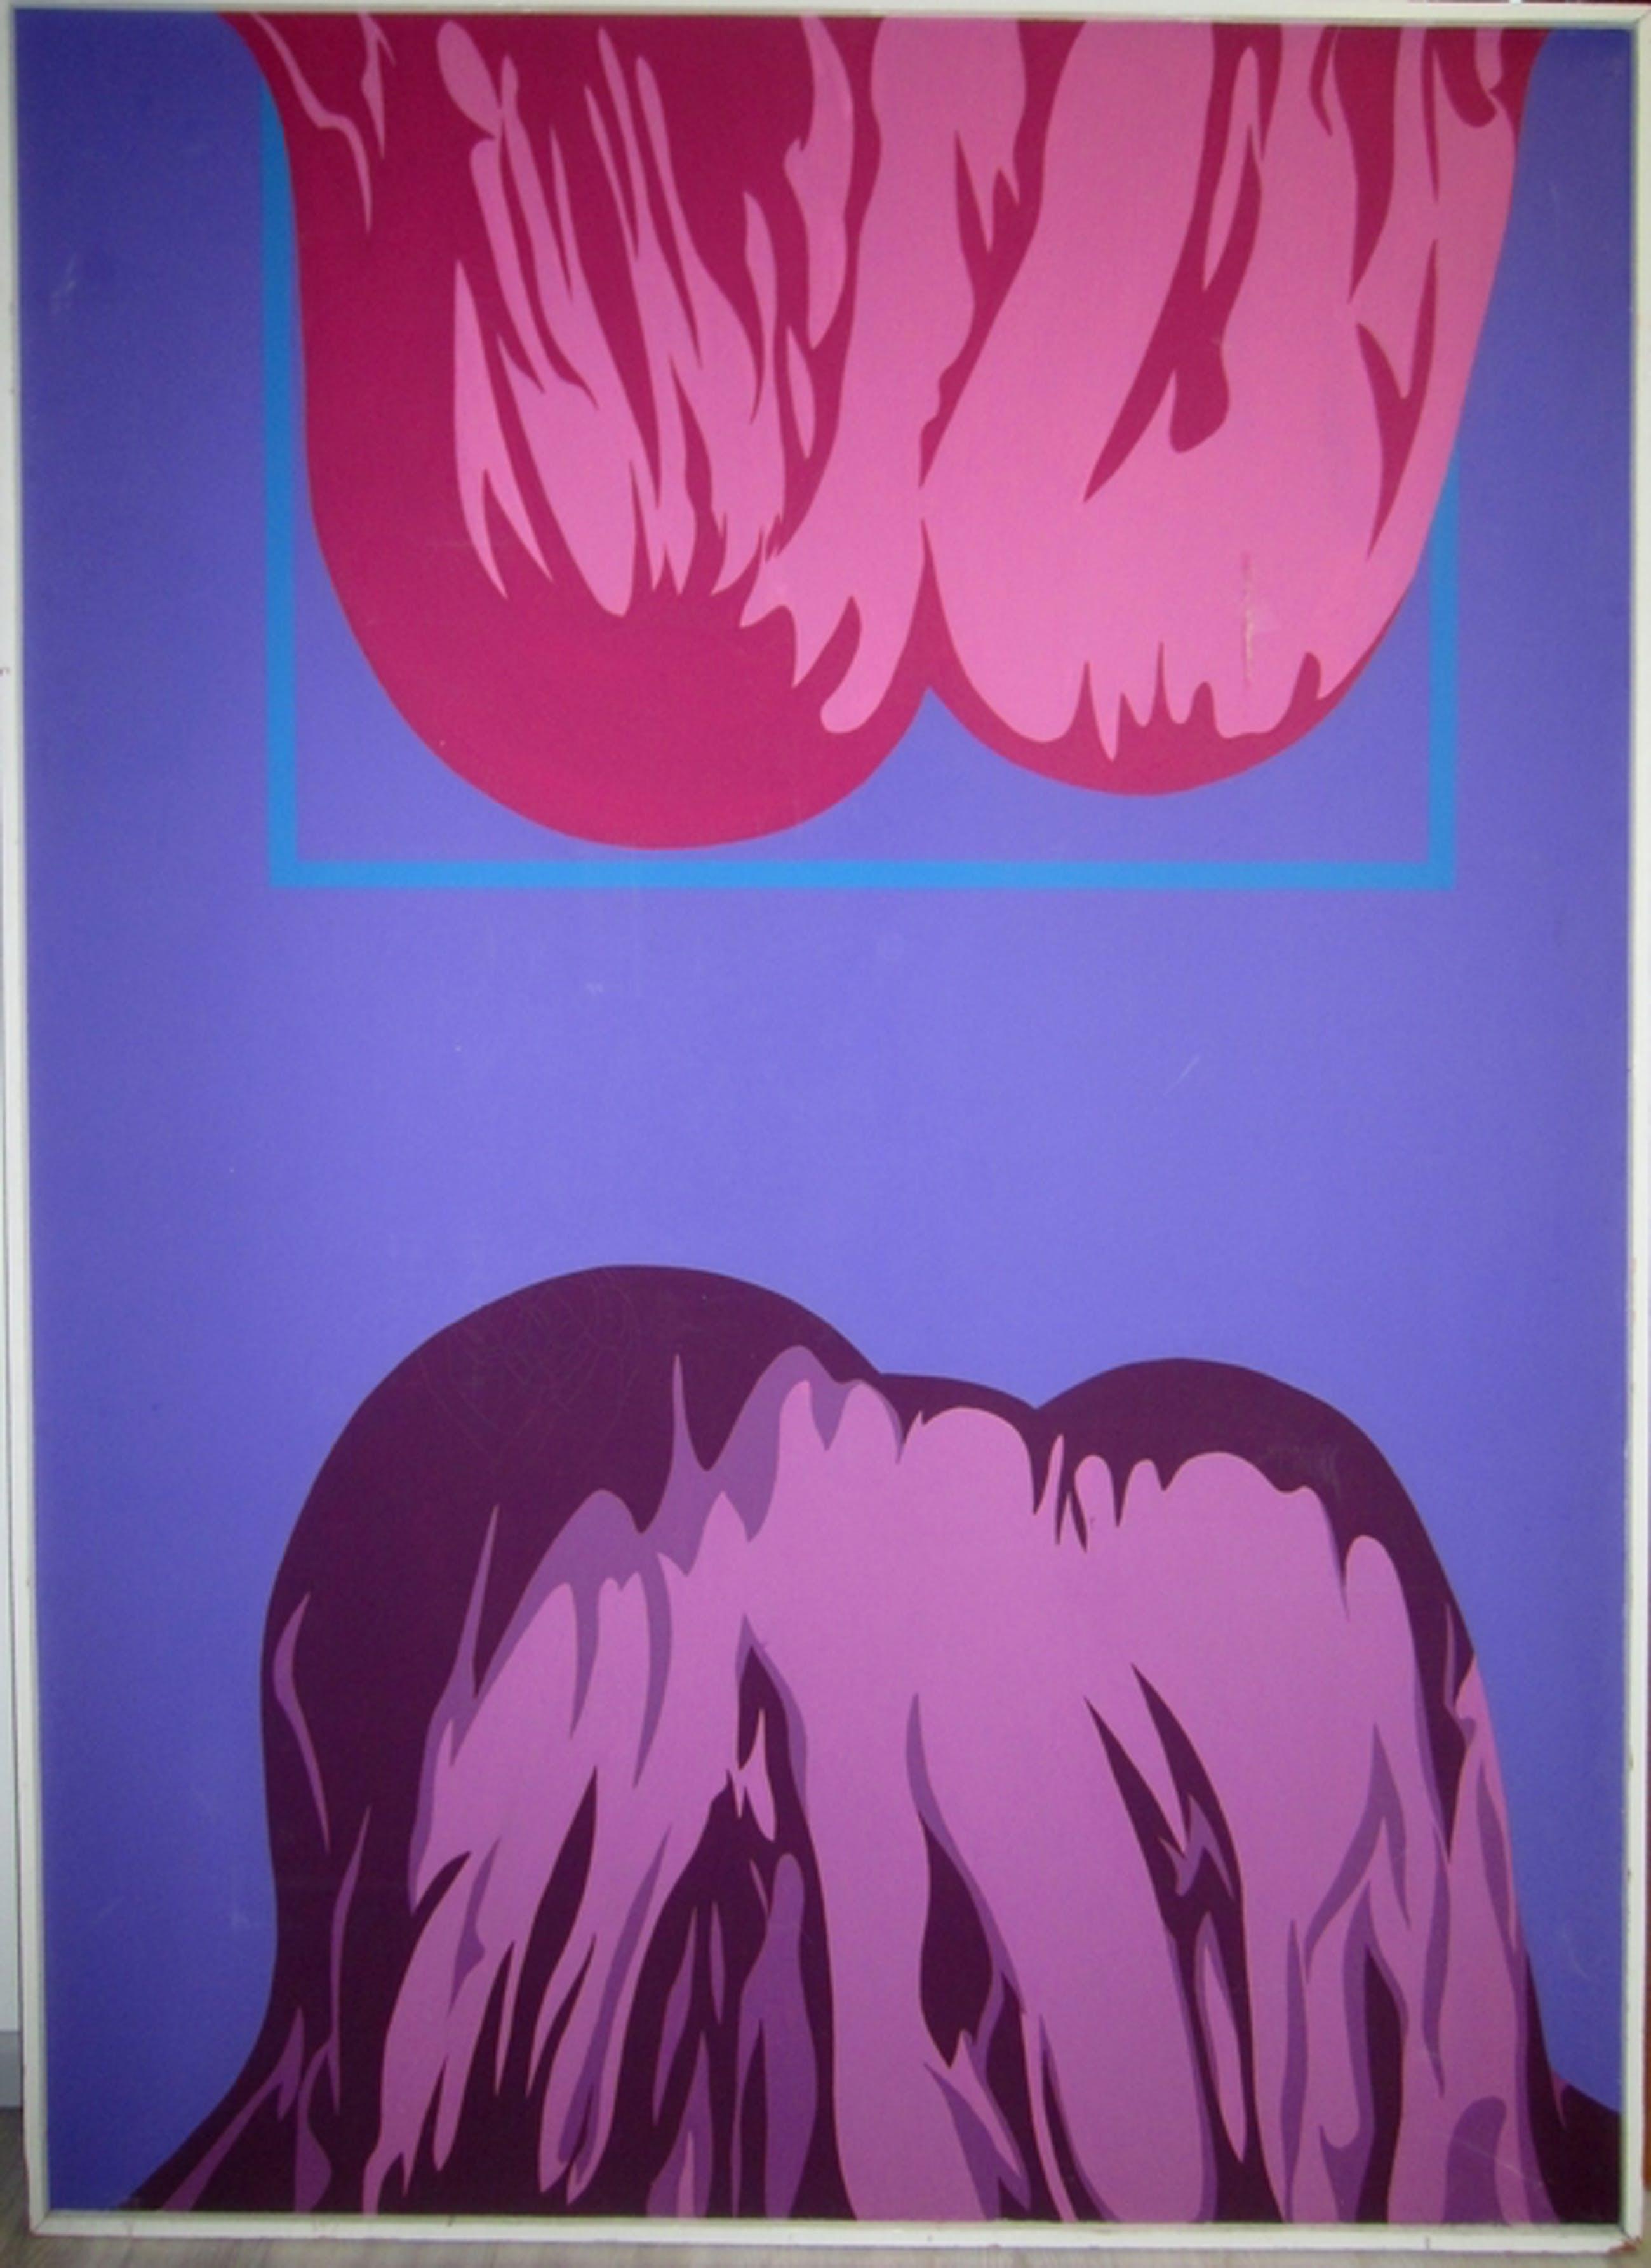 Martien de Kler (1943) - Abstrakt No. 1 - olieverf op doek kopen? Bied vanaf 1!